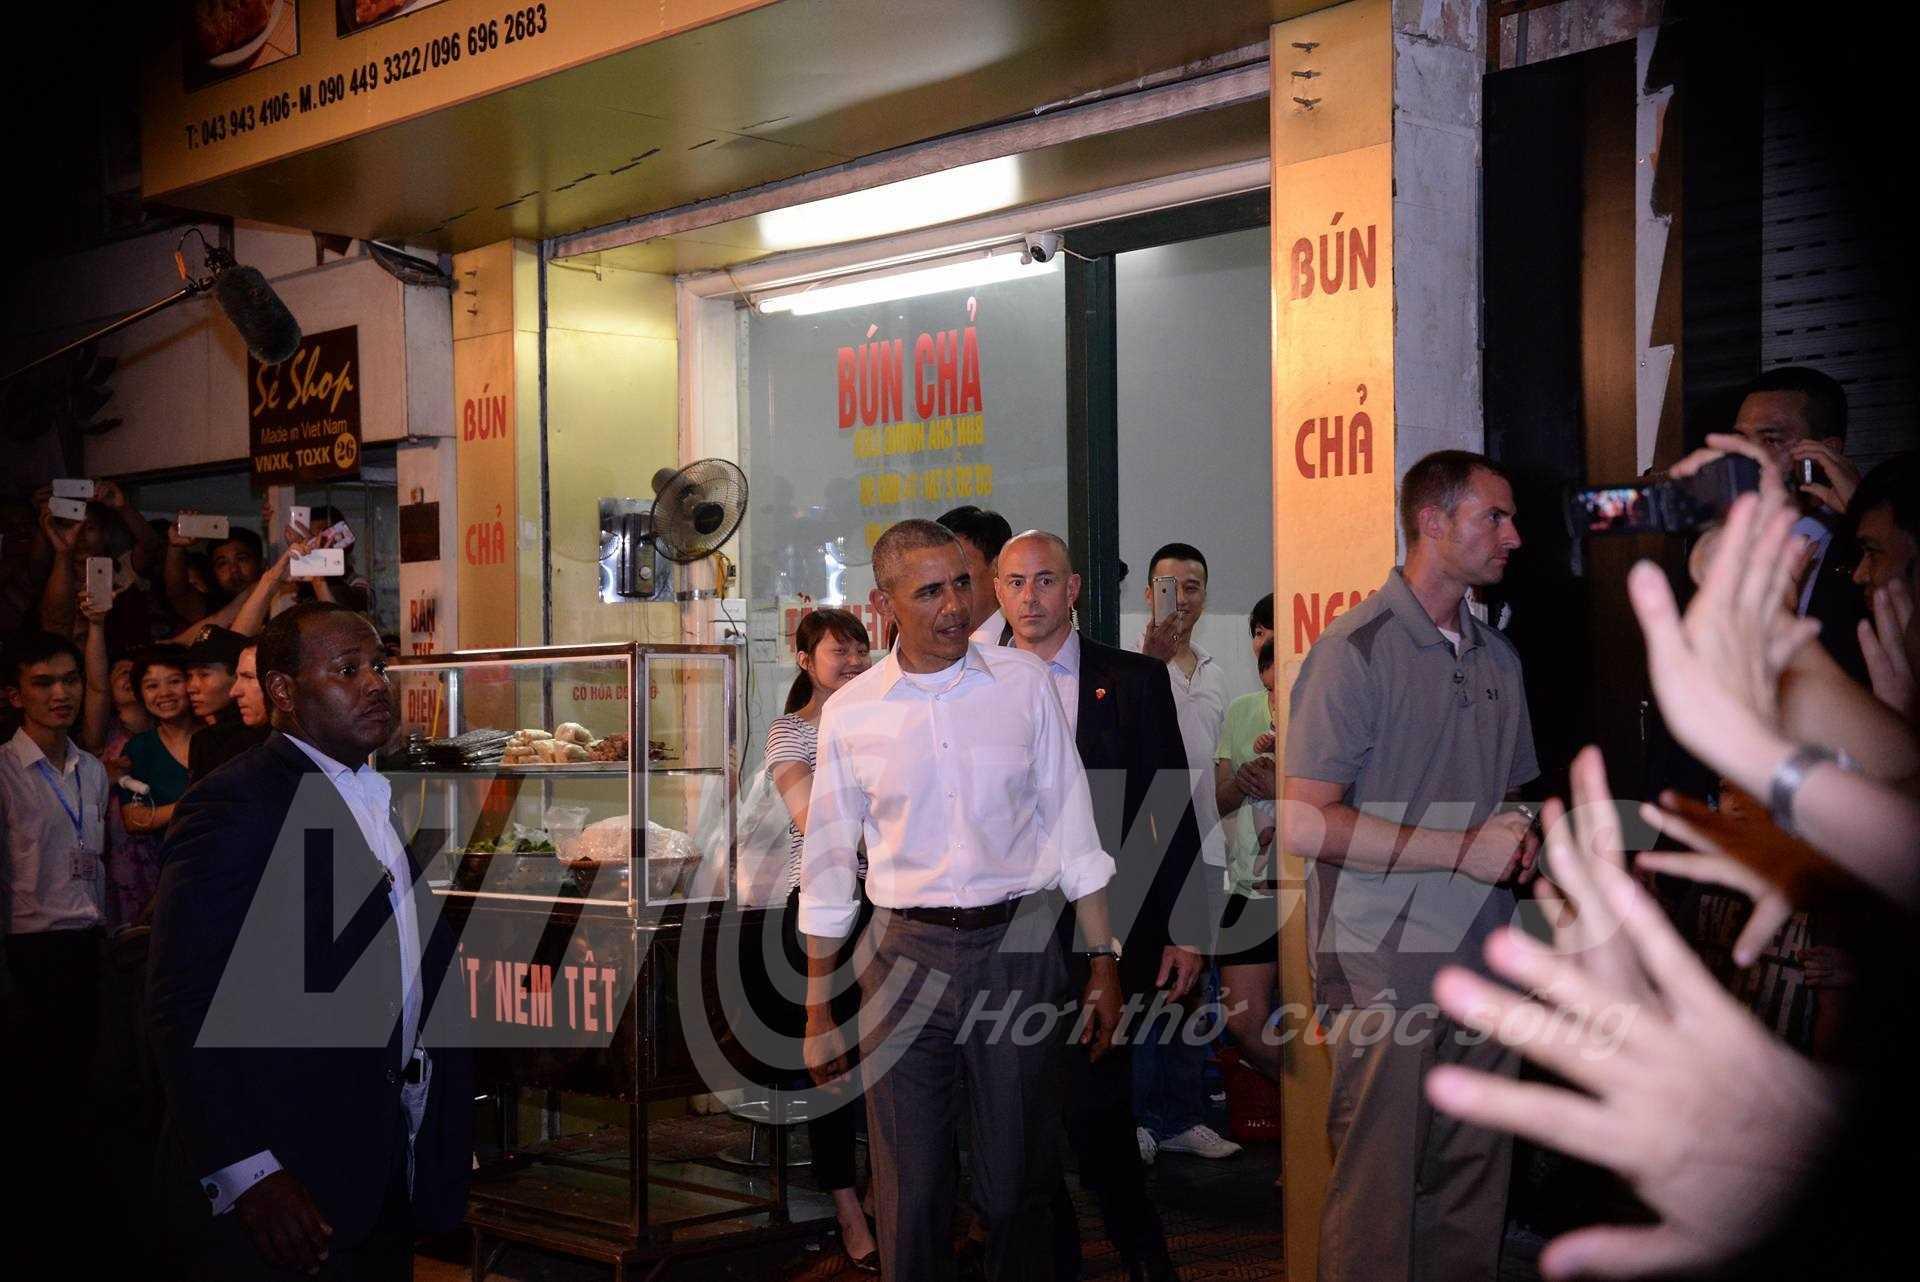 Khoảng 21h cùng ngày, ông Obama rời khỏi quán bún chả lên xe rời đi. Kết thúc một ngày bận rộn đầu tiên tại Hà Nội (Ảnh: Tùng Đinh)